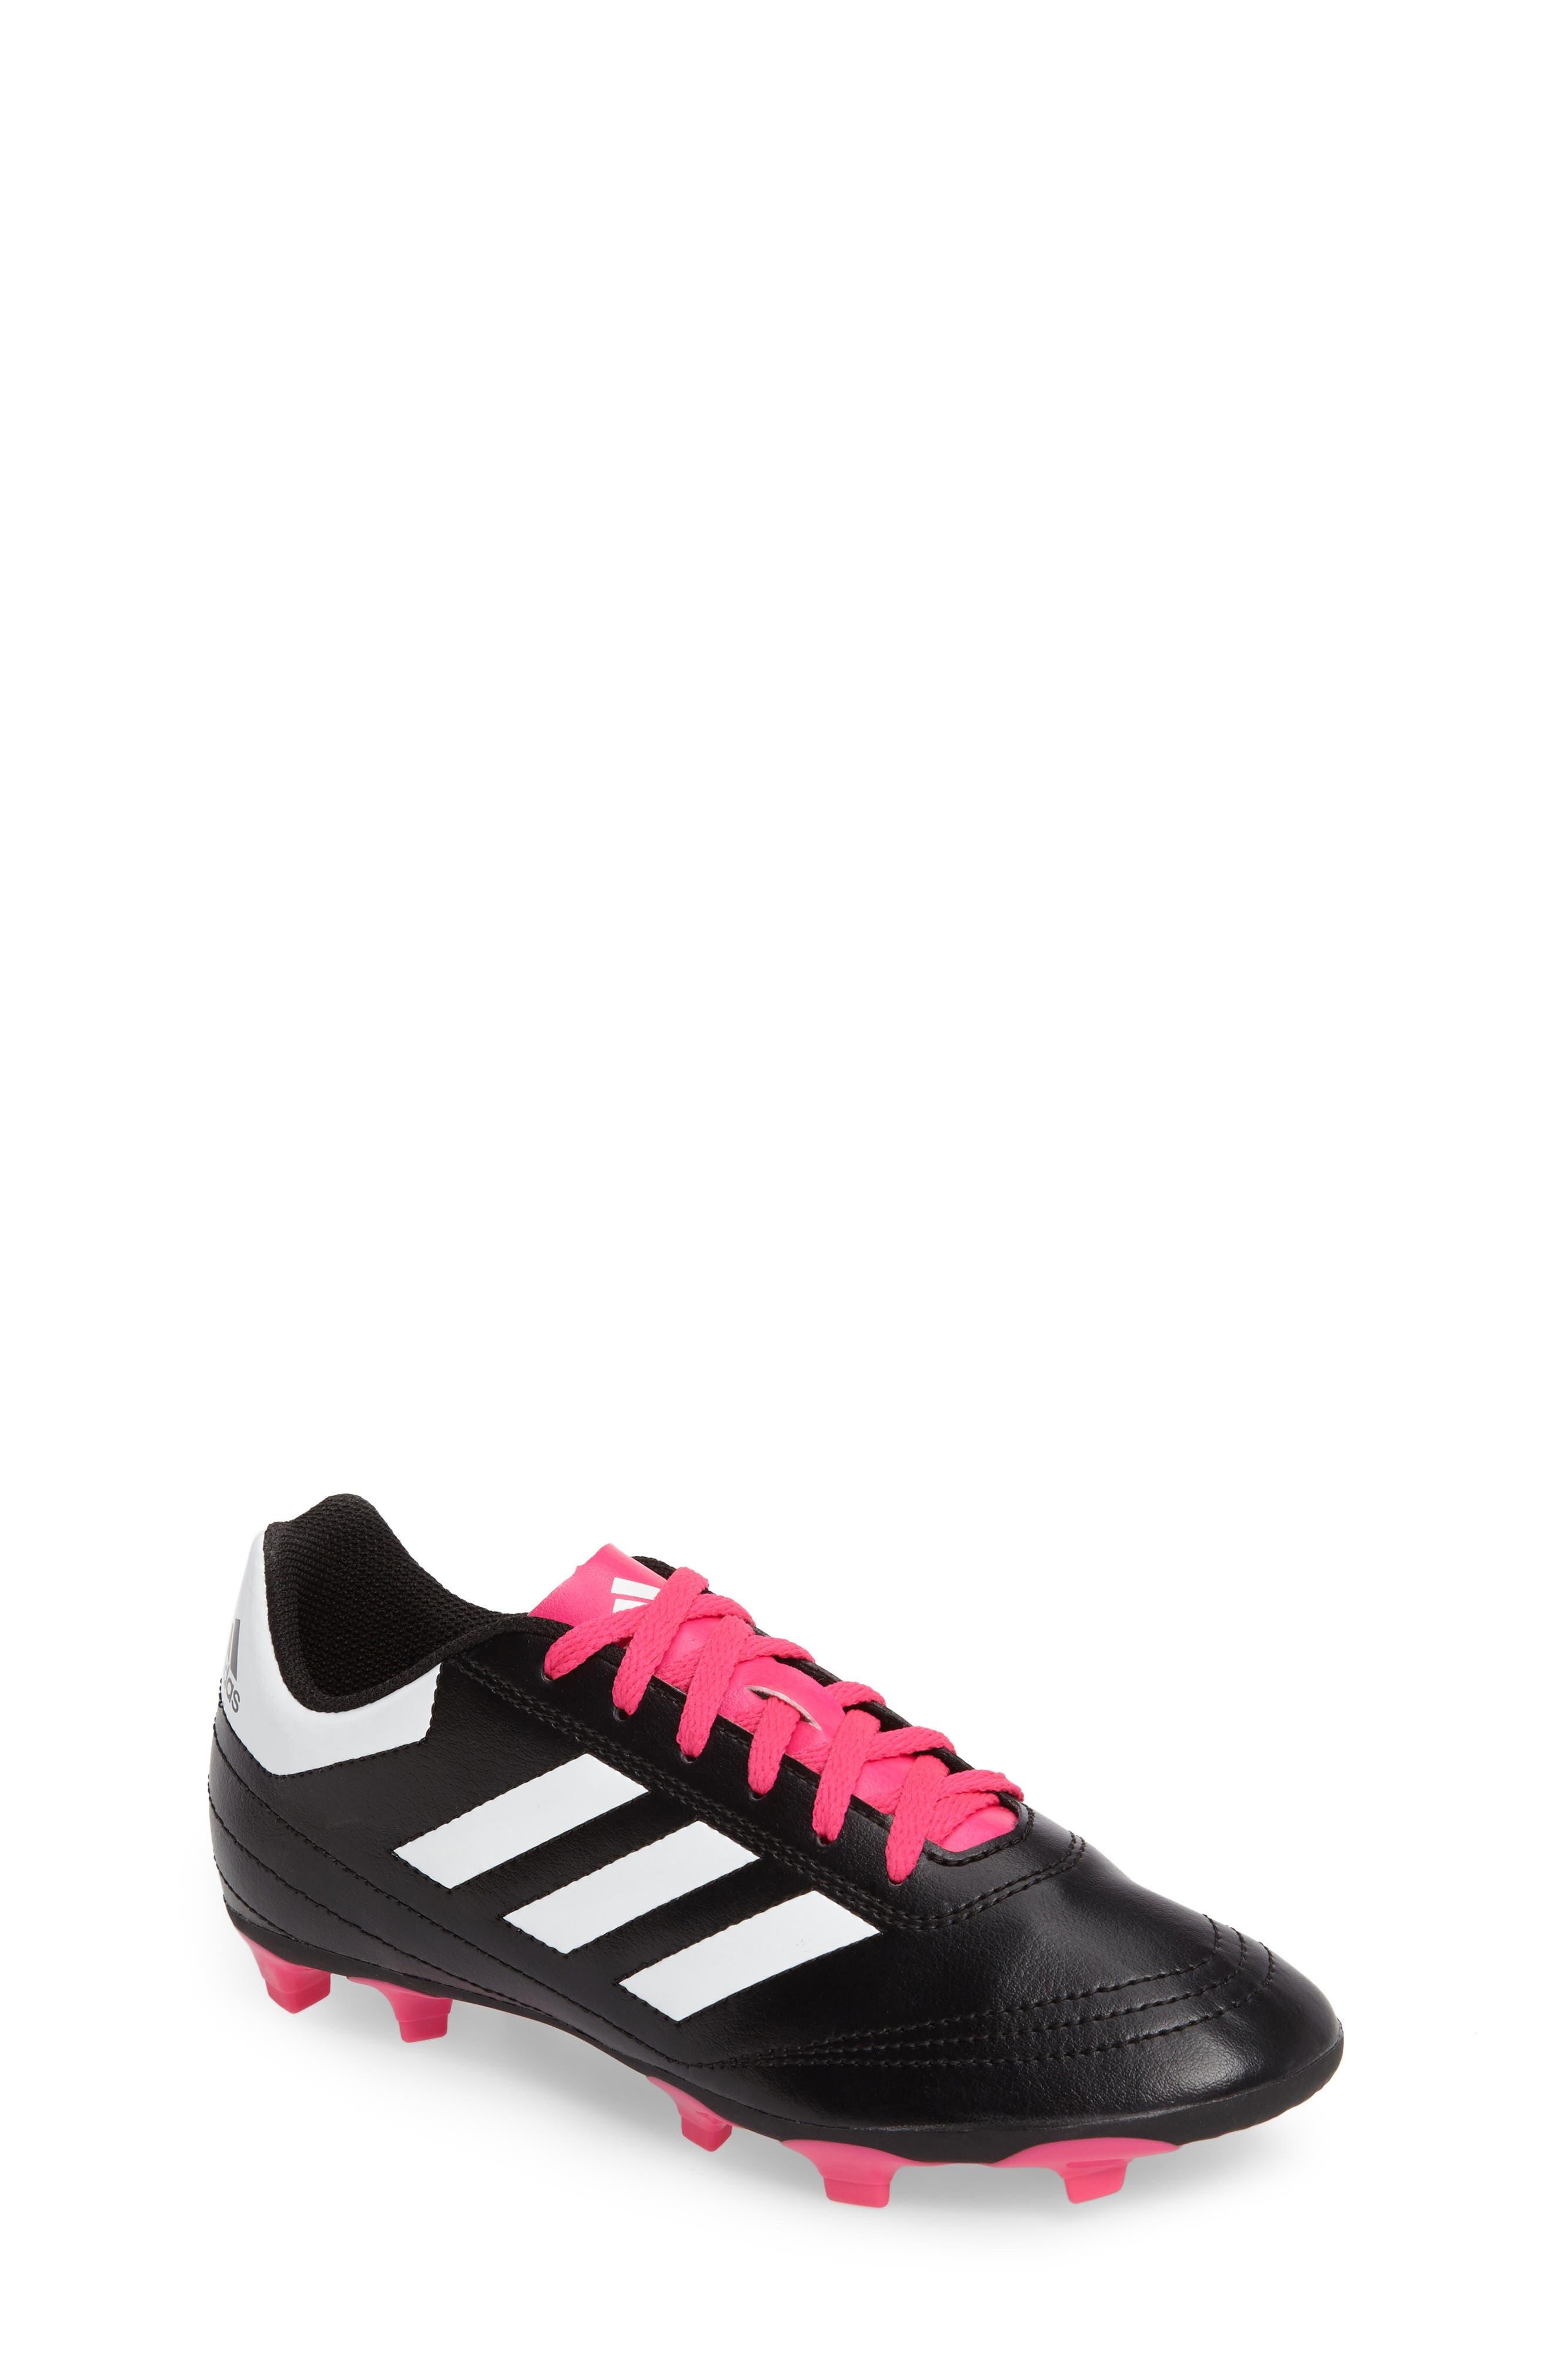 Goletto VI Soccer Shoe,                         Main,                         color, Core Black/ White/ Shock Pink